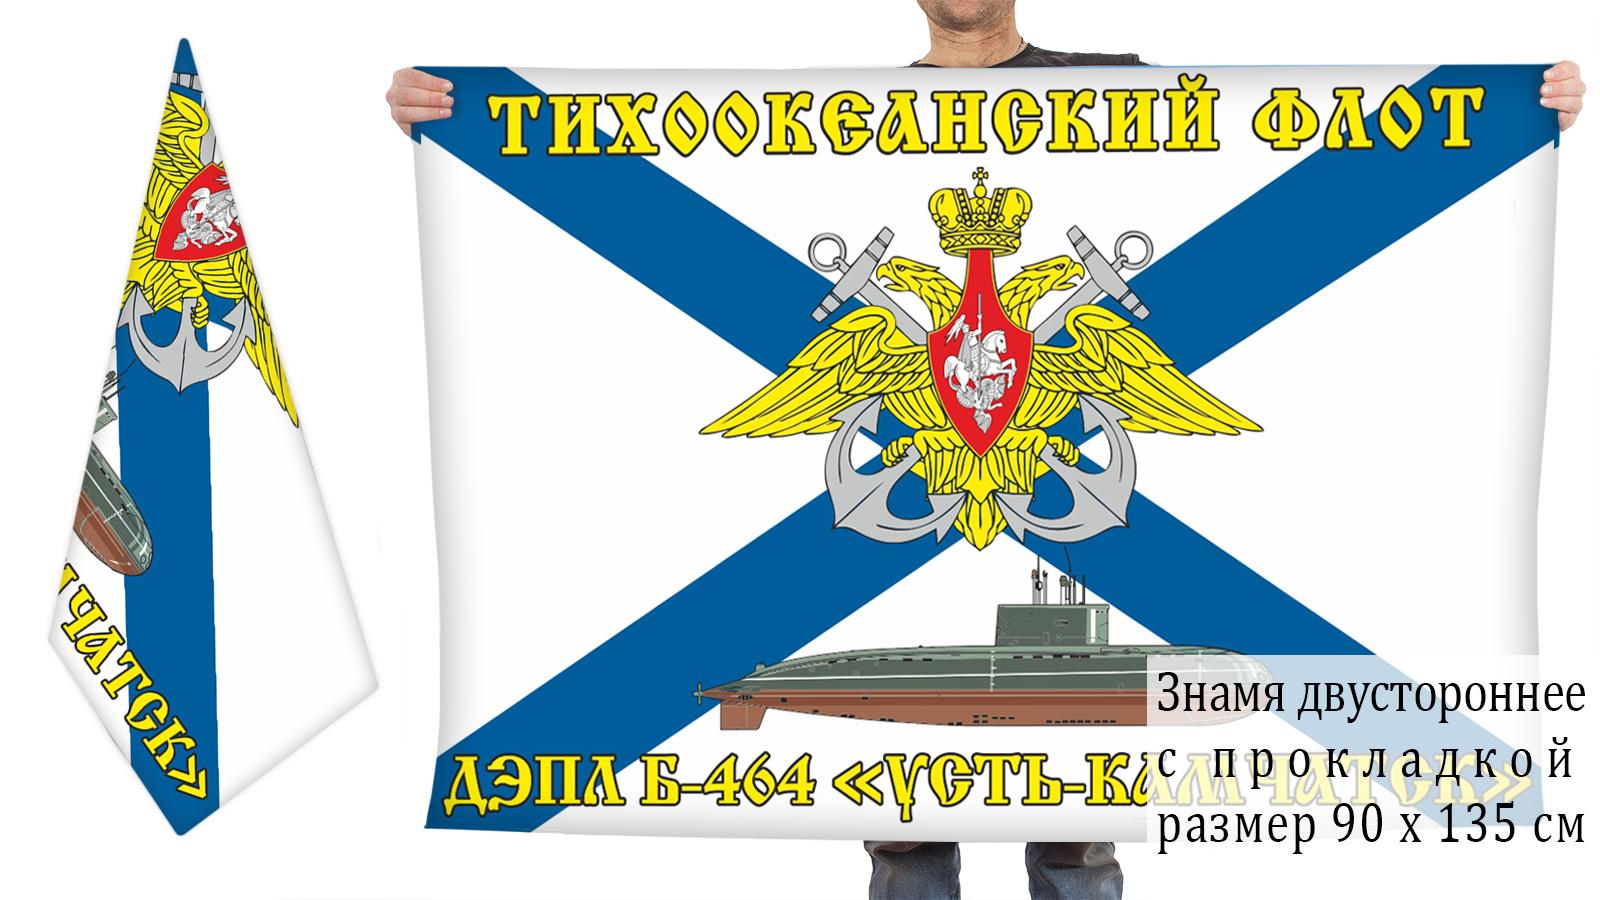 Заказать флаг Б-464 Усть-Камчатск